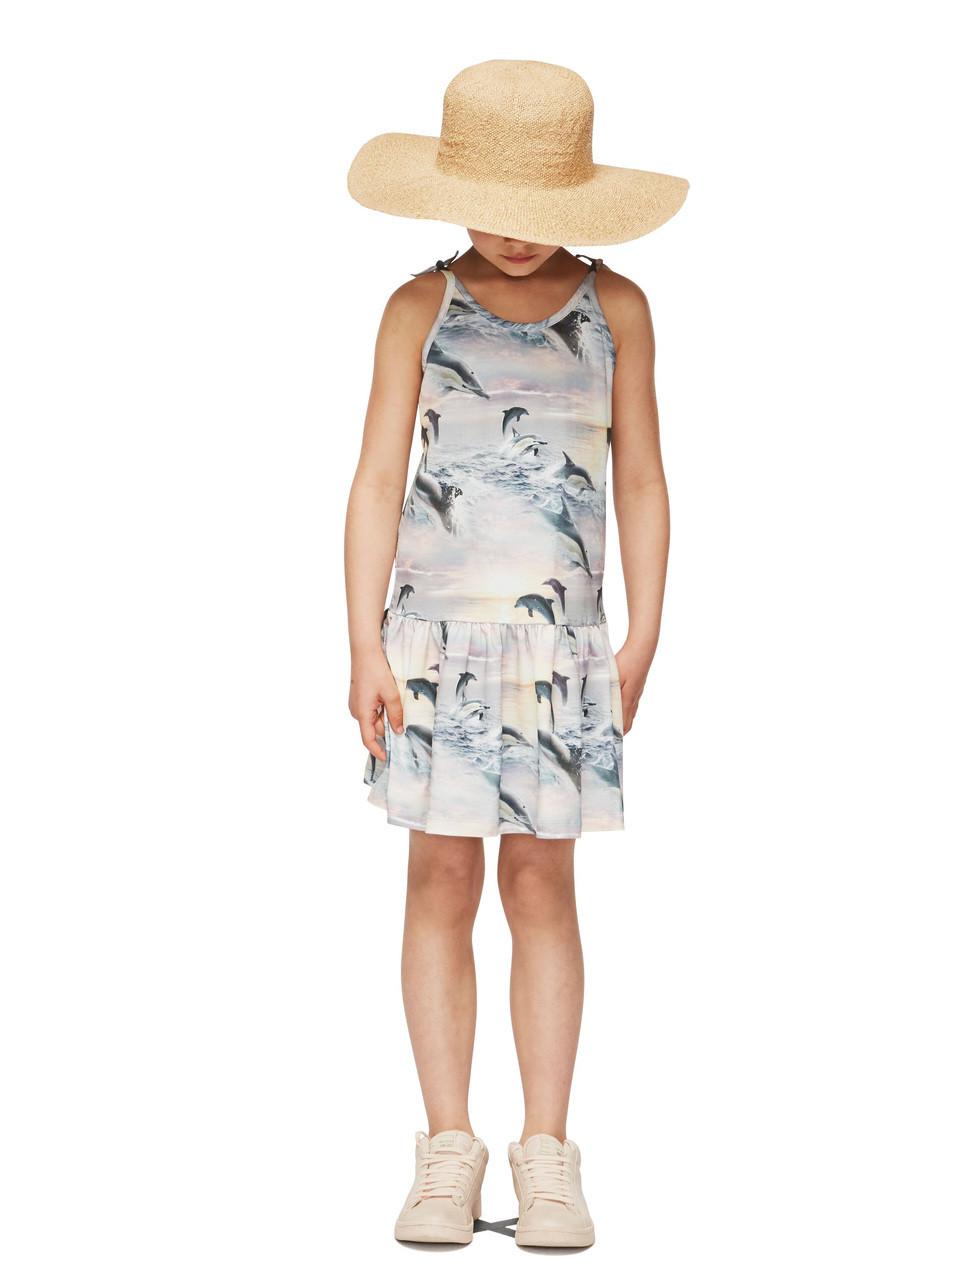 df42871b5e4 MOLO Camilla Dolphin Dress - Le Petit Kids